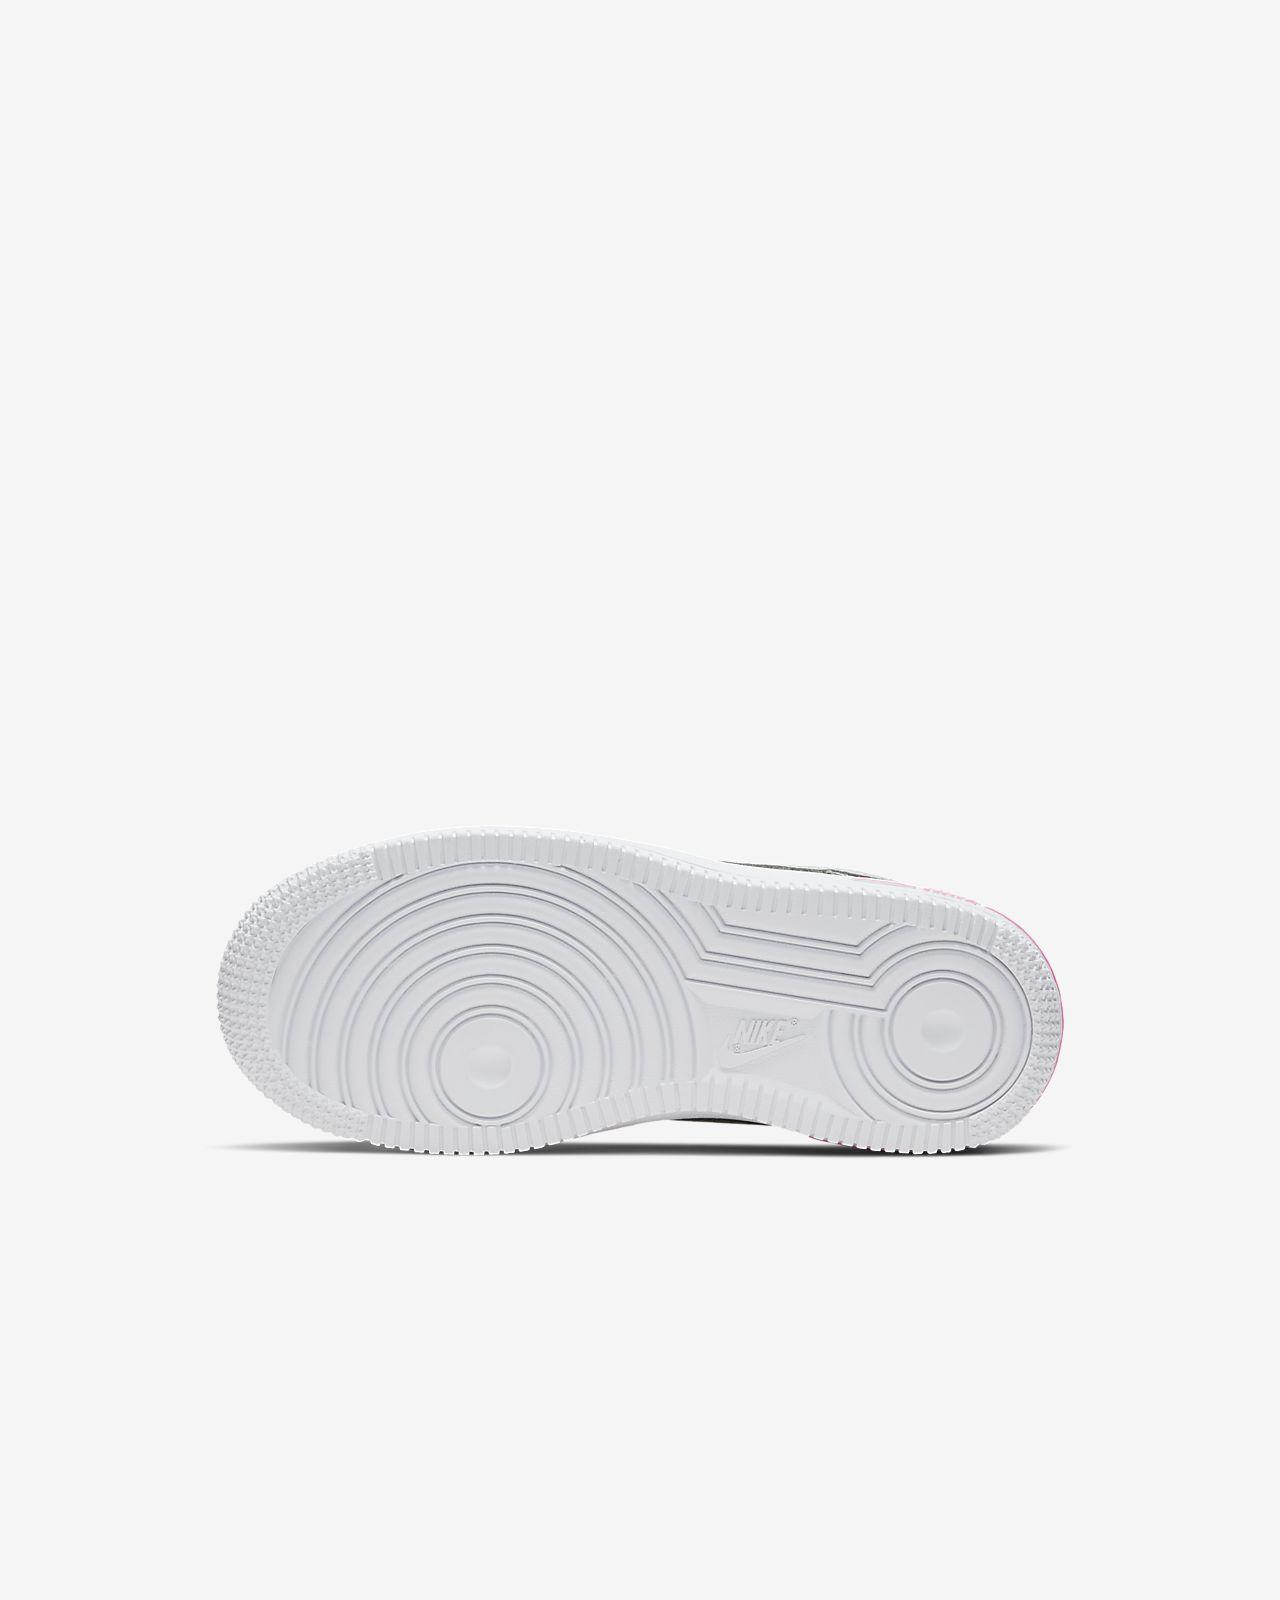 Sapatilhas Nike Force 1 LV8 3 para criança